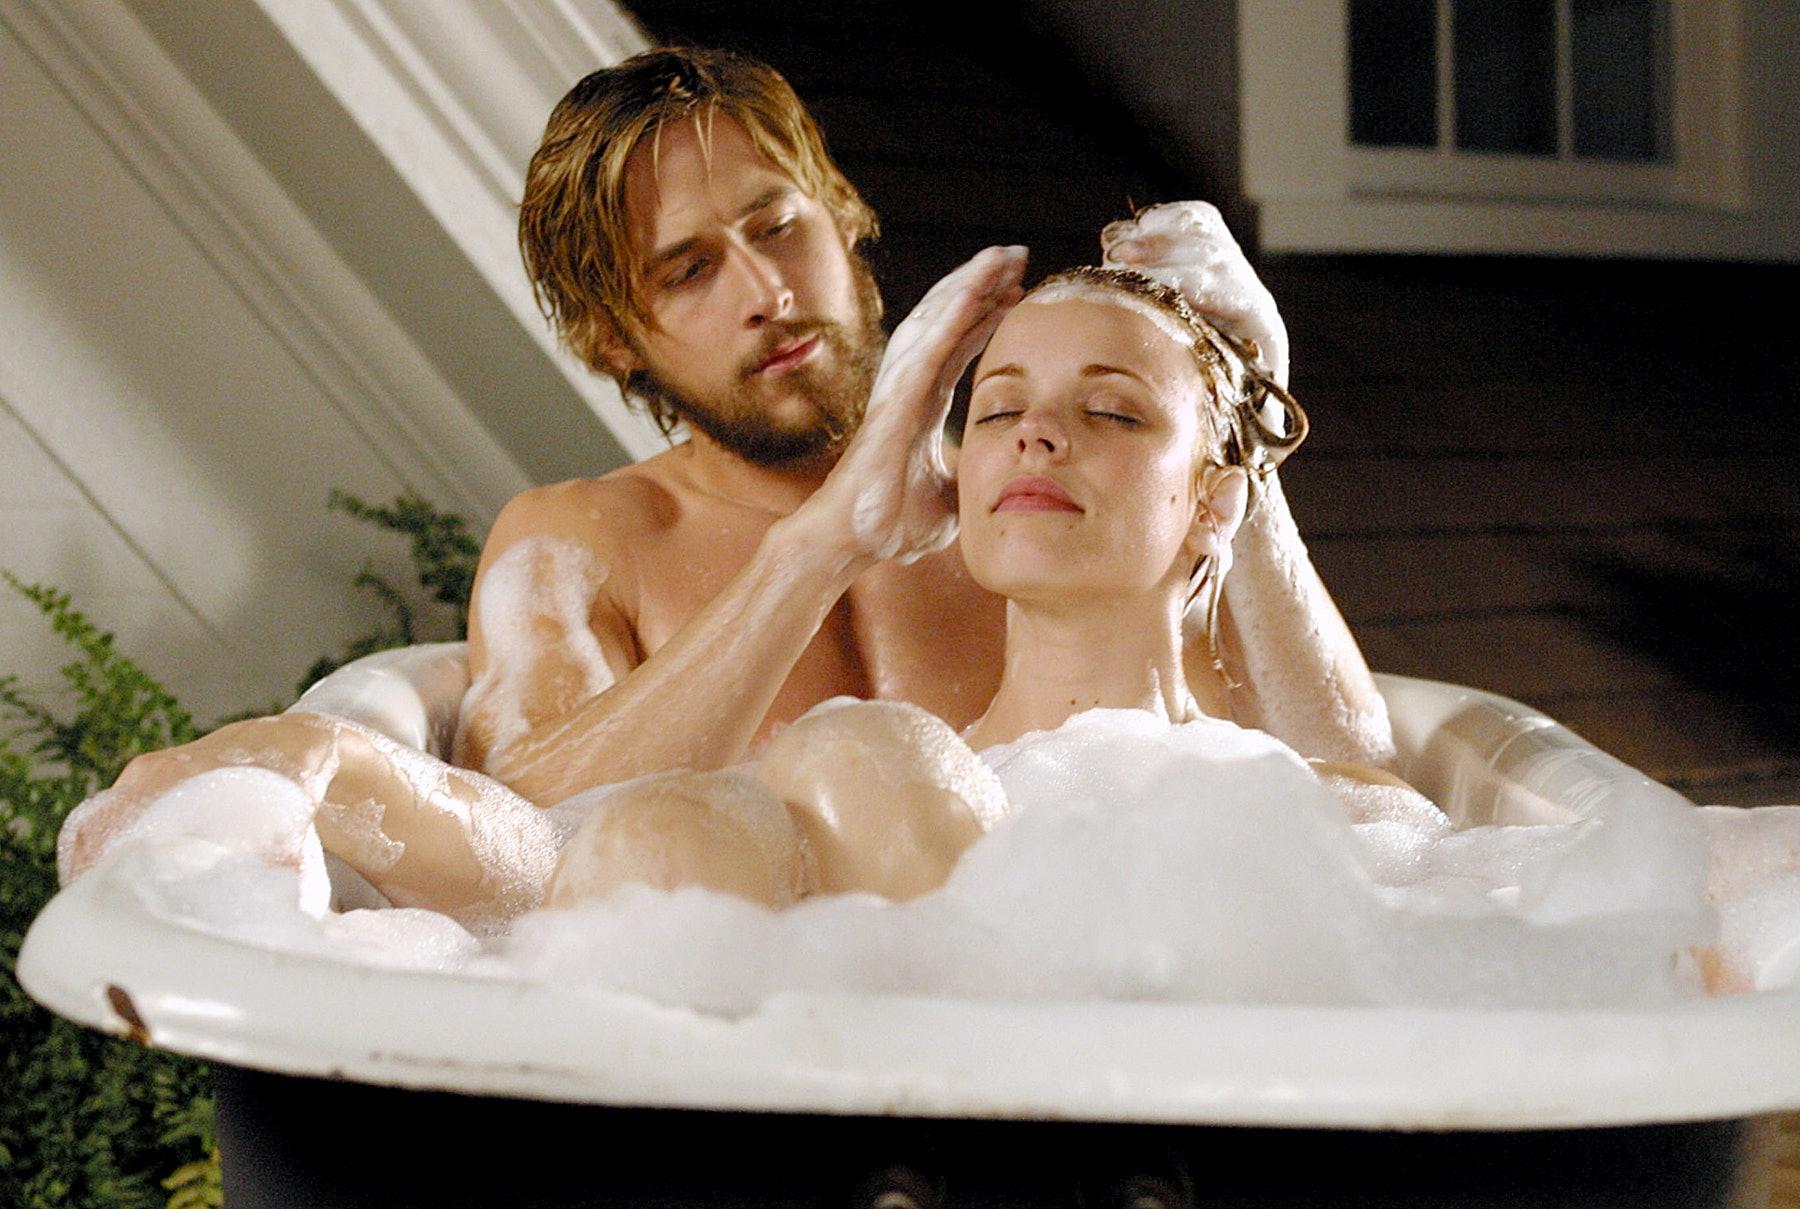 hot women tub in orgasm